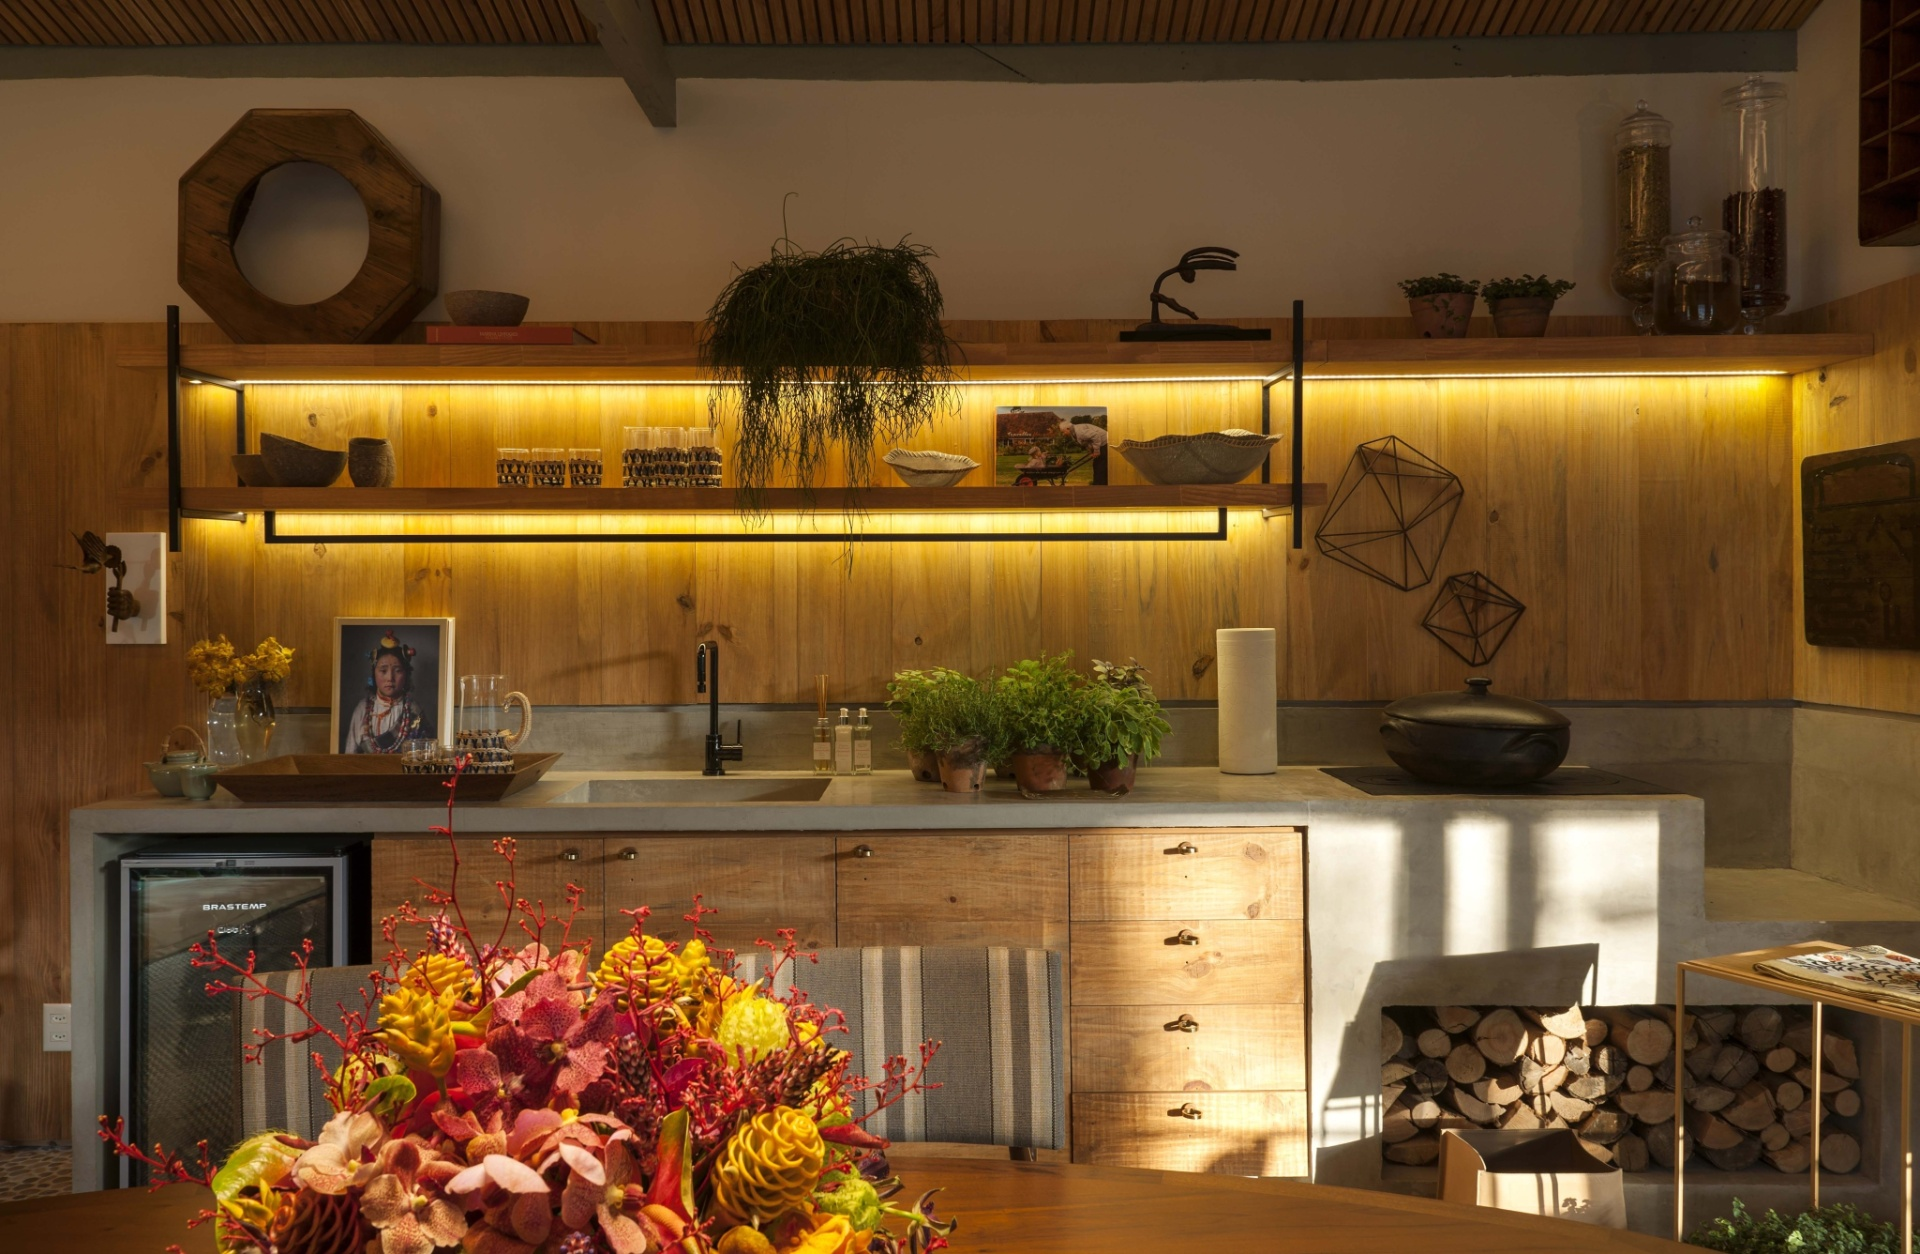 para construir ou reformar a cozinha de casa BOL Fotos BOL Fotos #BC910F 1920 1254